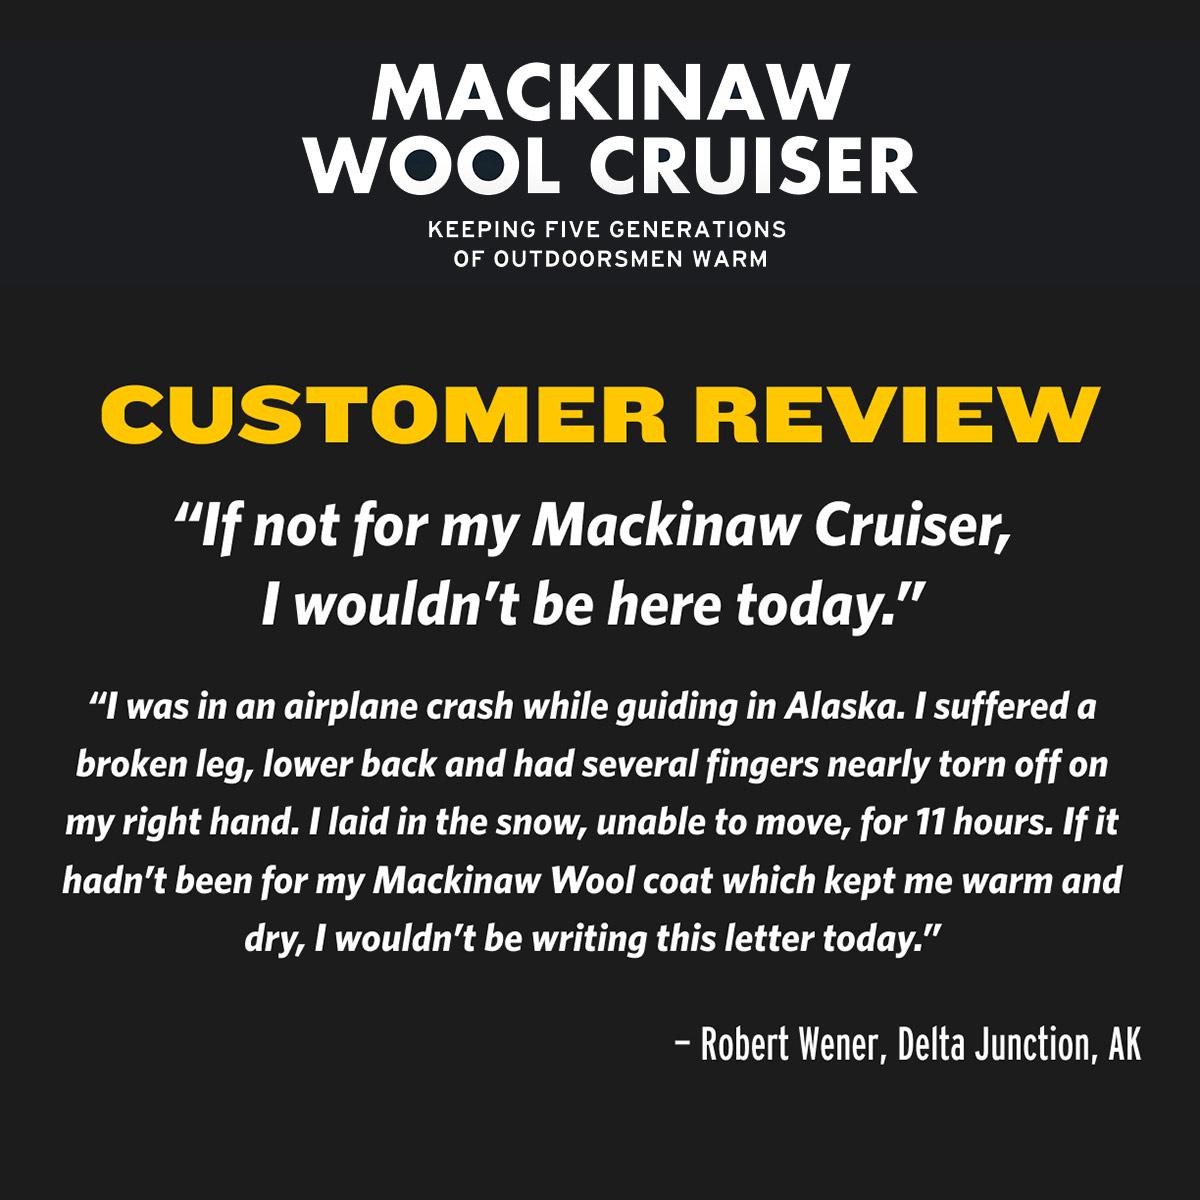 Filson Mackinaw Cruiser Jacket Charcoal, gepatenteerd in 1914 en vandaag de dag nog steeds veel gevraagd.